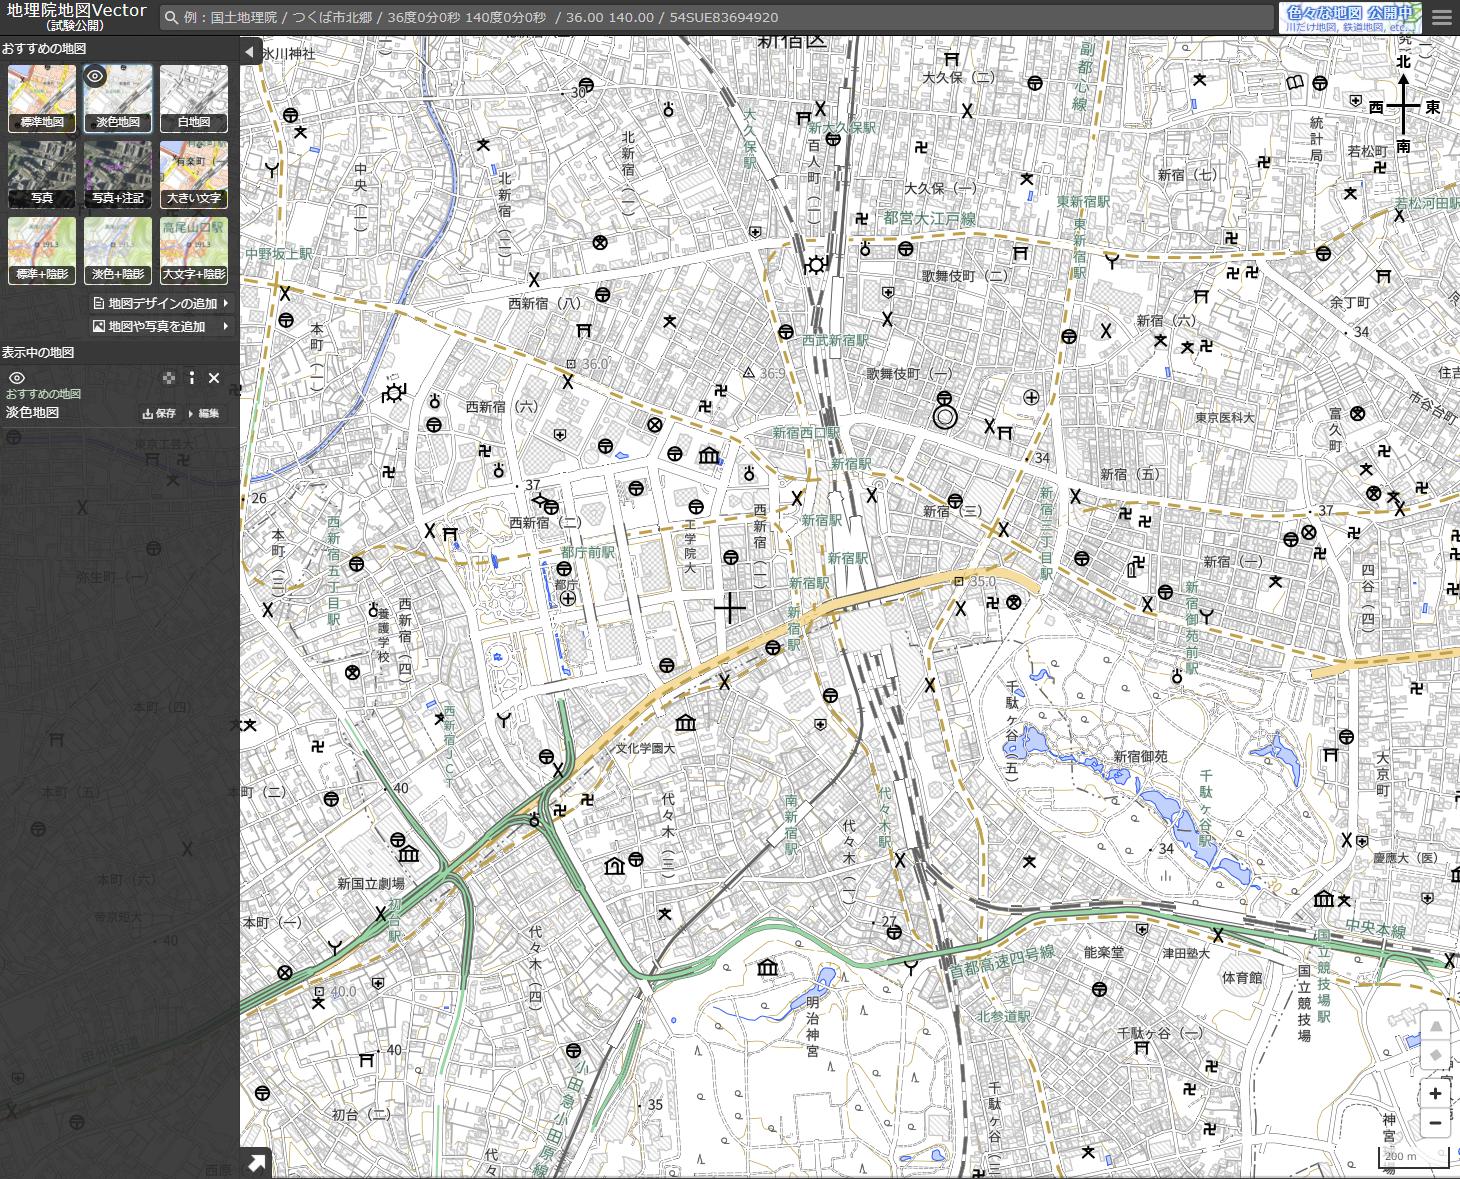 淡色地図夏休みの自由研究におすすめな国土地理院「地理院地図Vector」の淡色地図画面